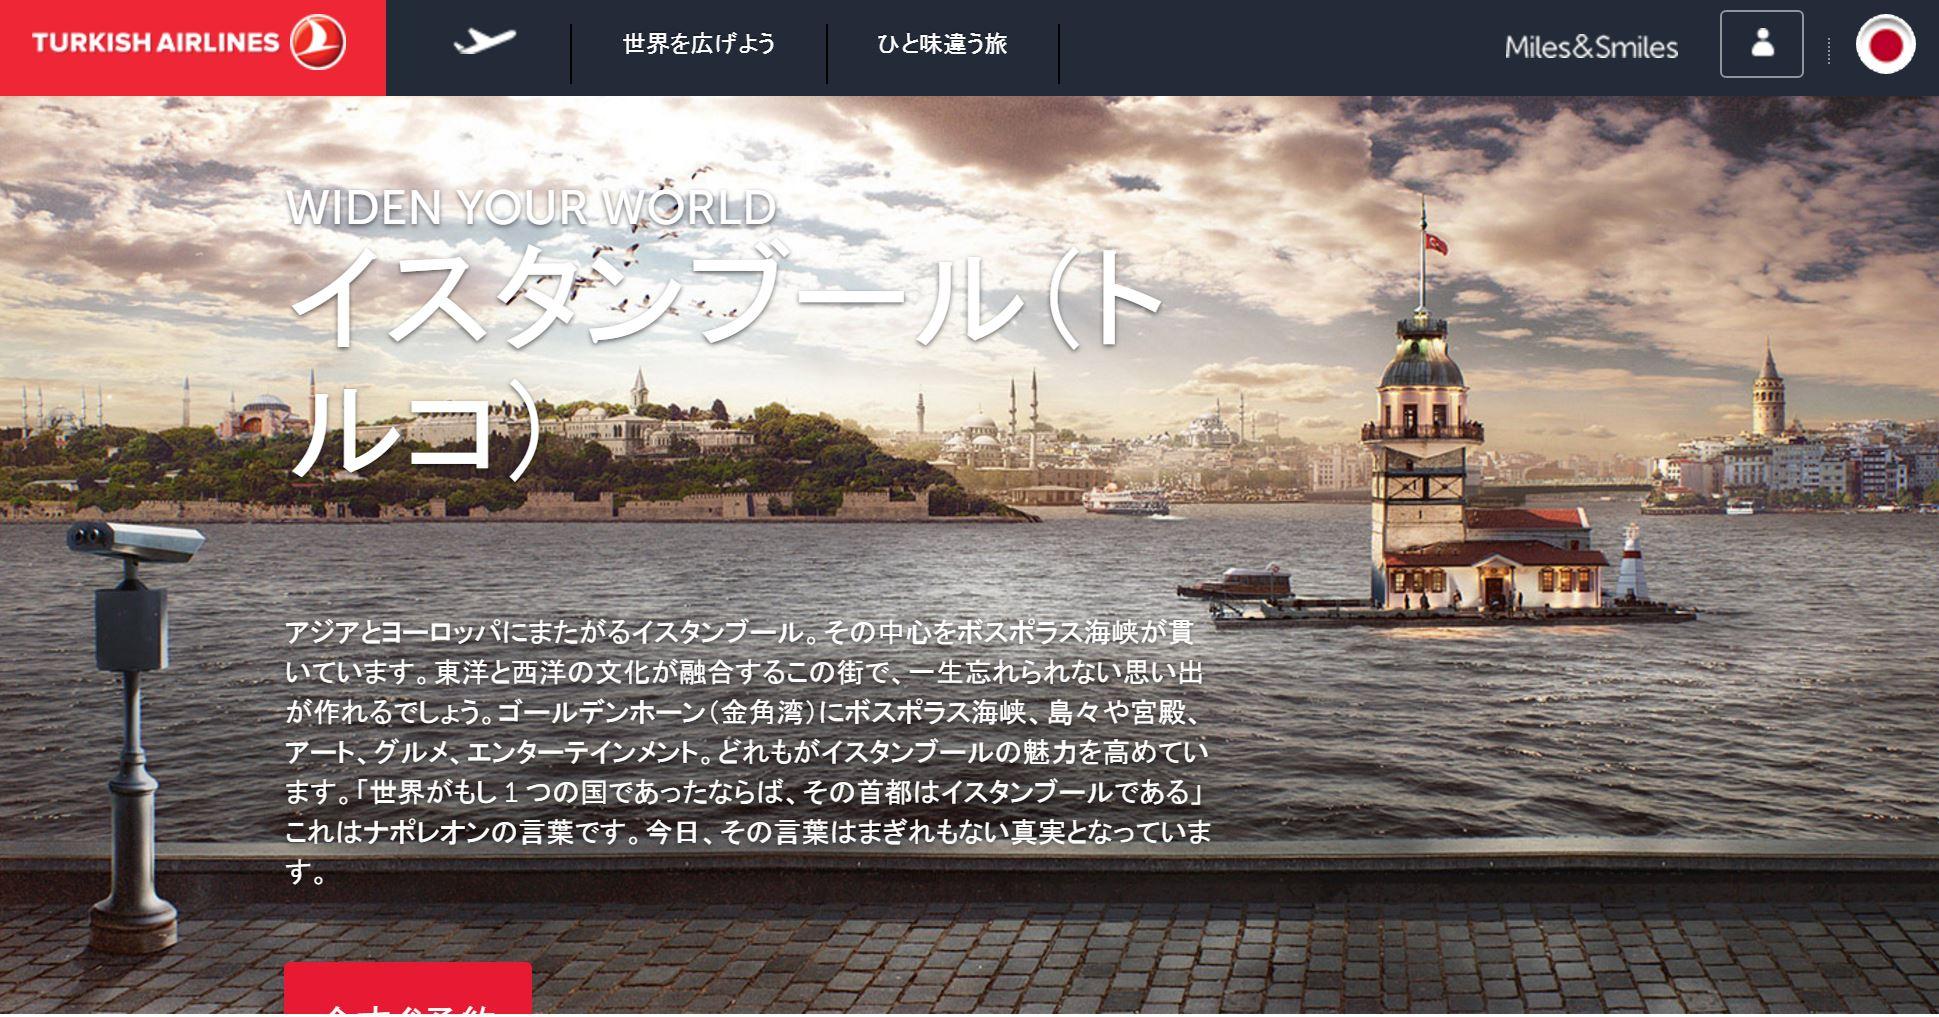 ターキッシュ エアラインズ、トルコへの日本発着便を17日から通常通り再開